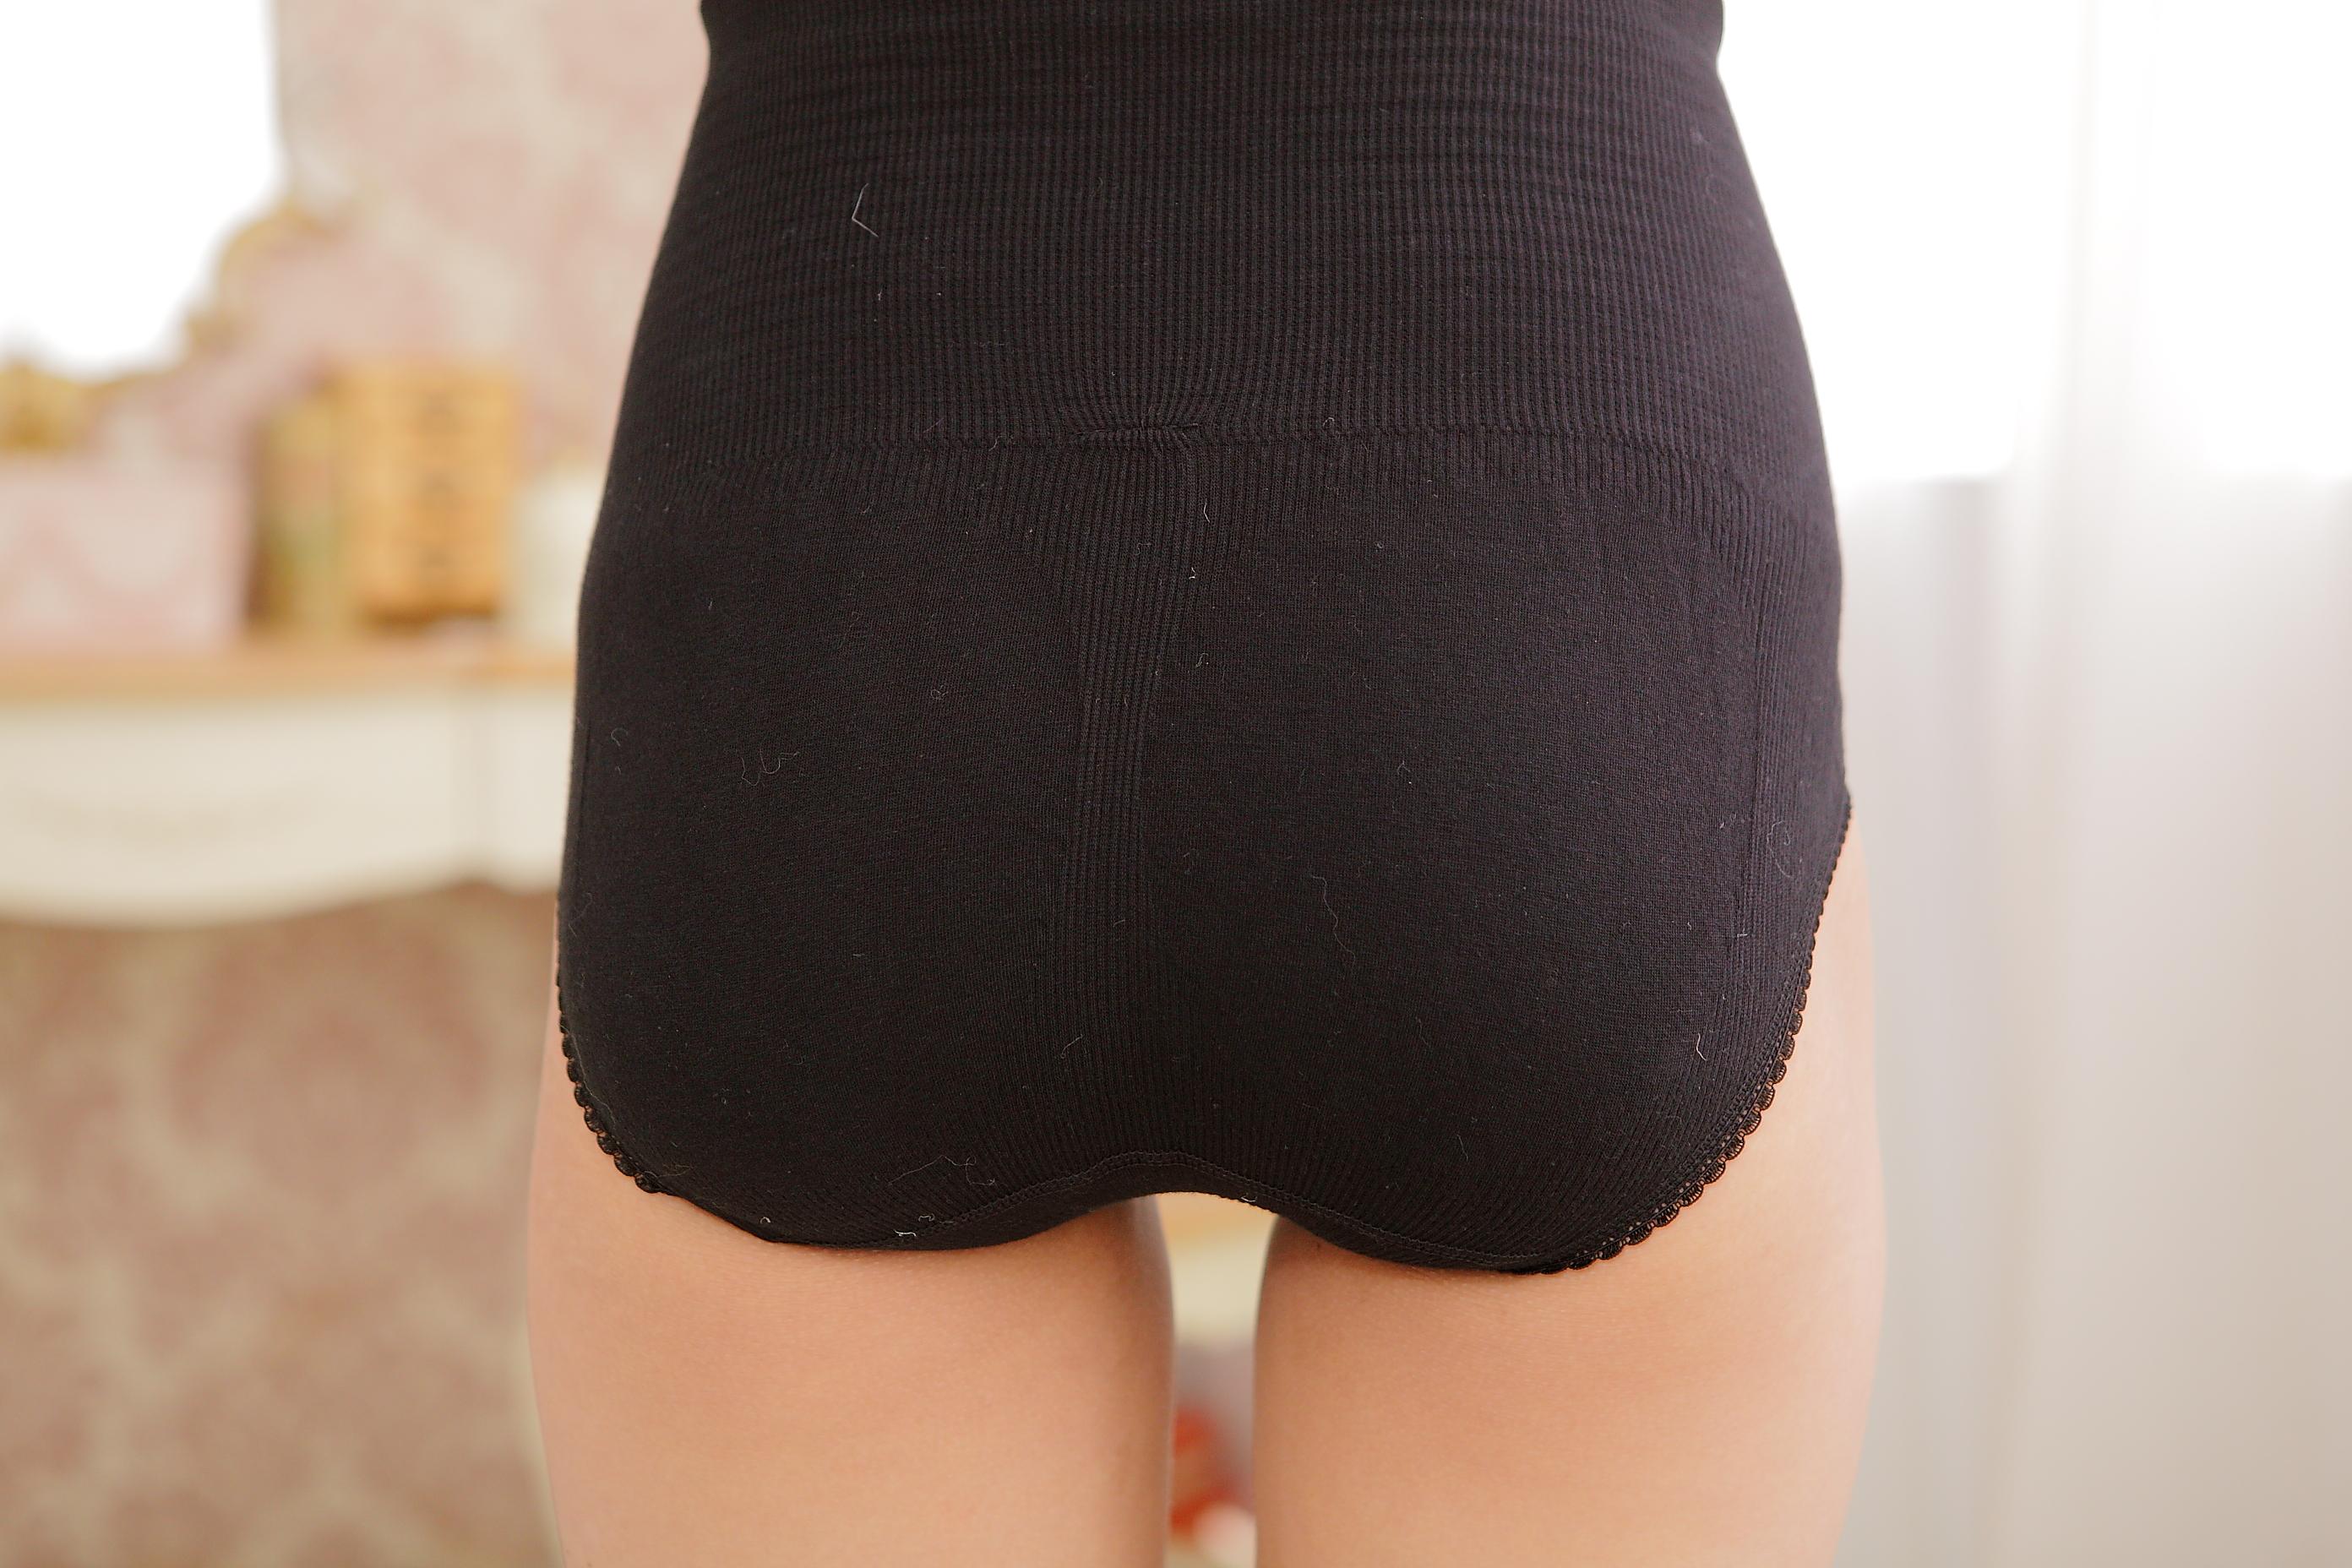 Women's sexy firm Control Shapewear Waist Trainer Cincher Panties High Waist Brief